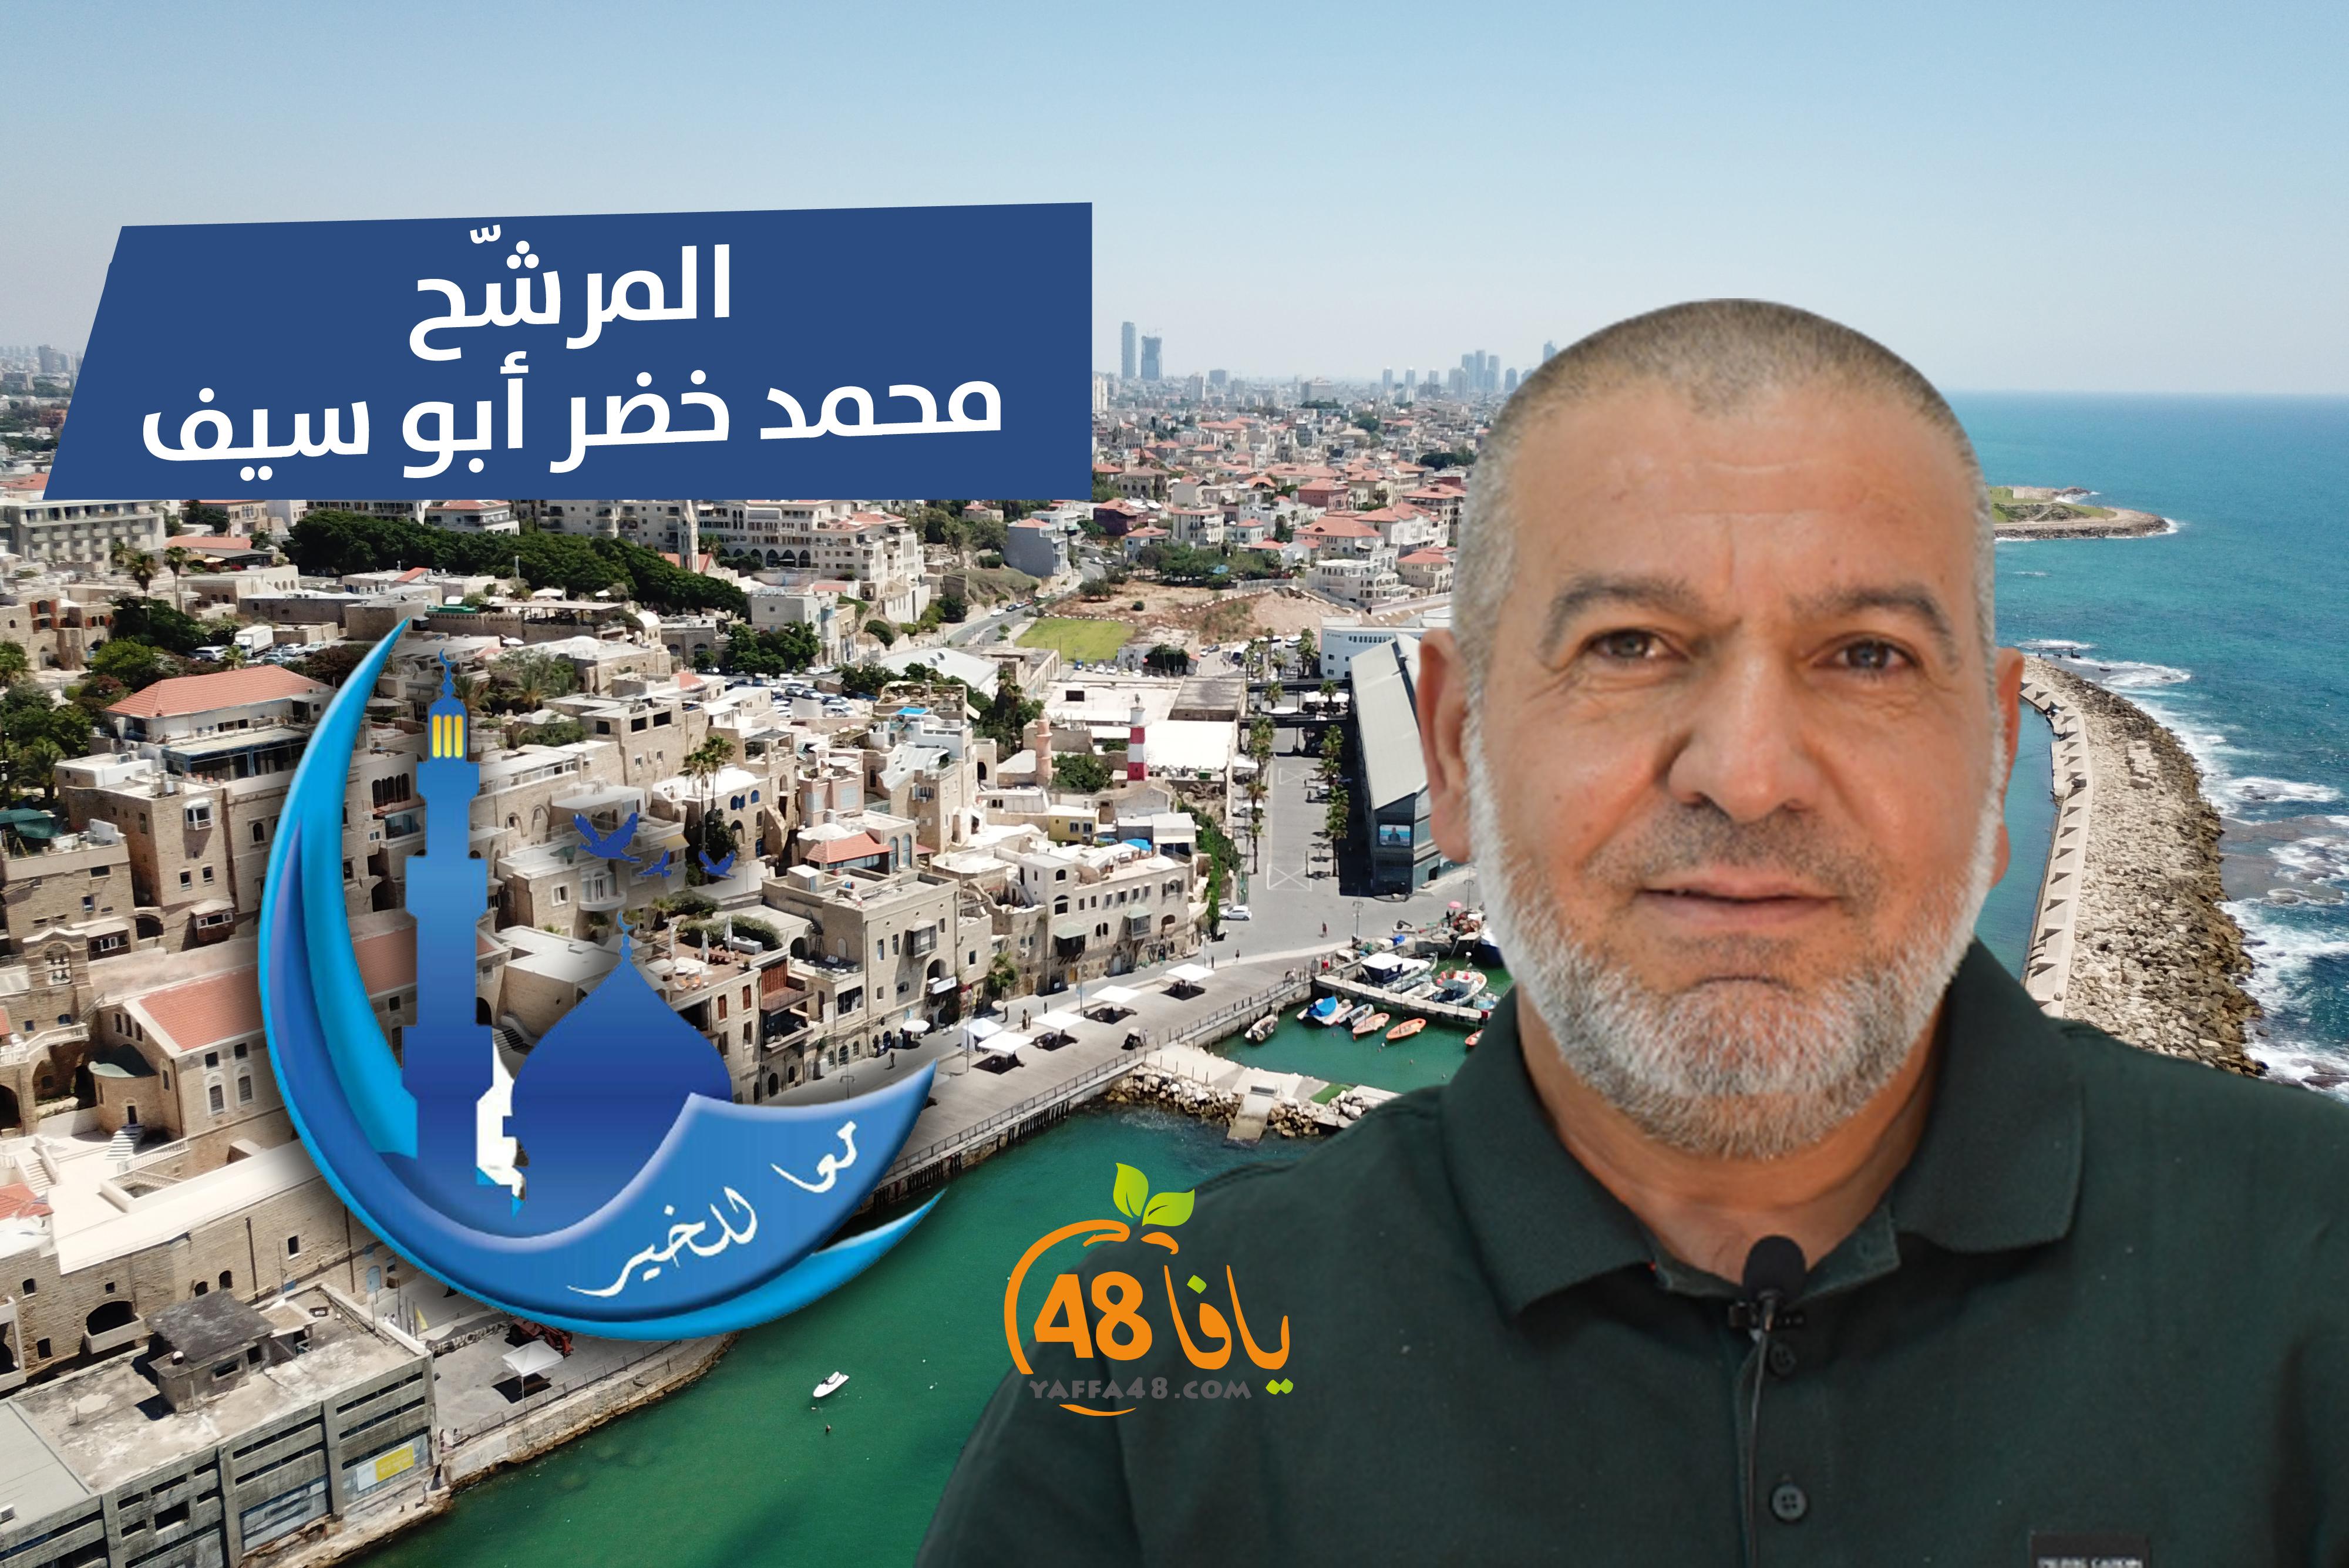 فيديو: تعرّف على المرشّح لانتخابات الهيئة السيد محمد أبو سيف